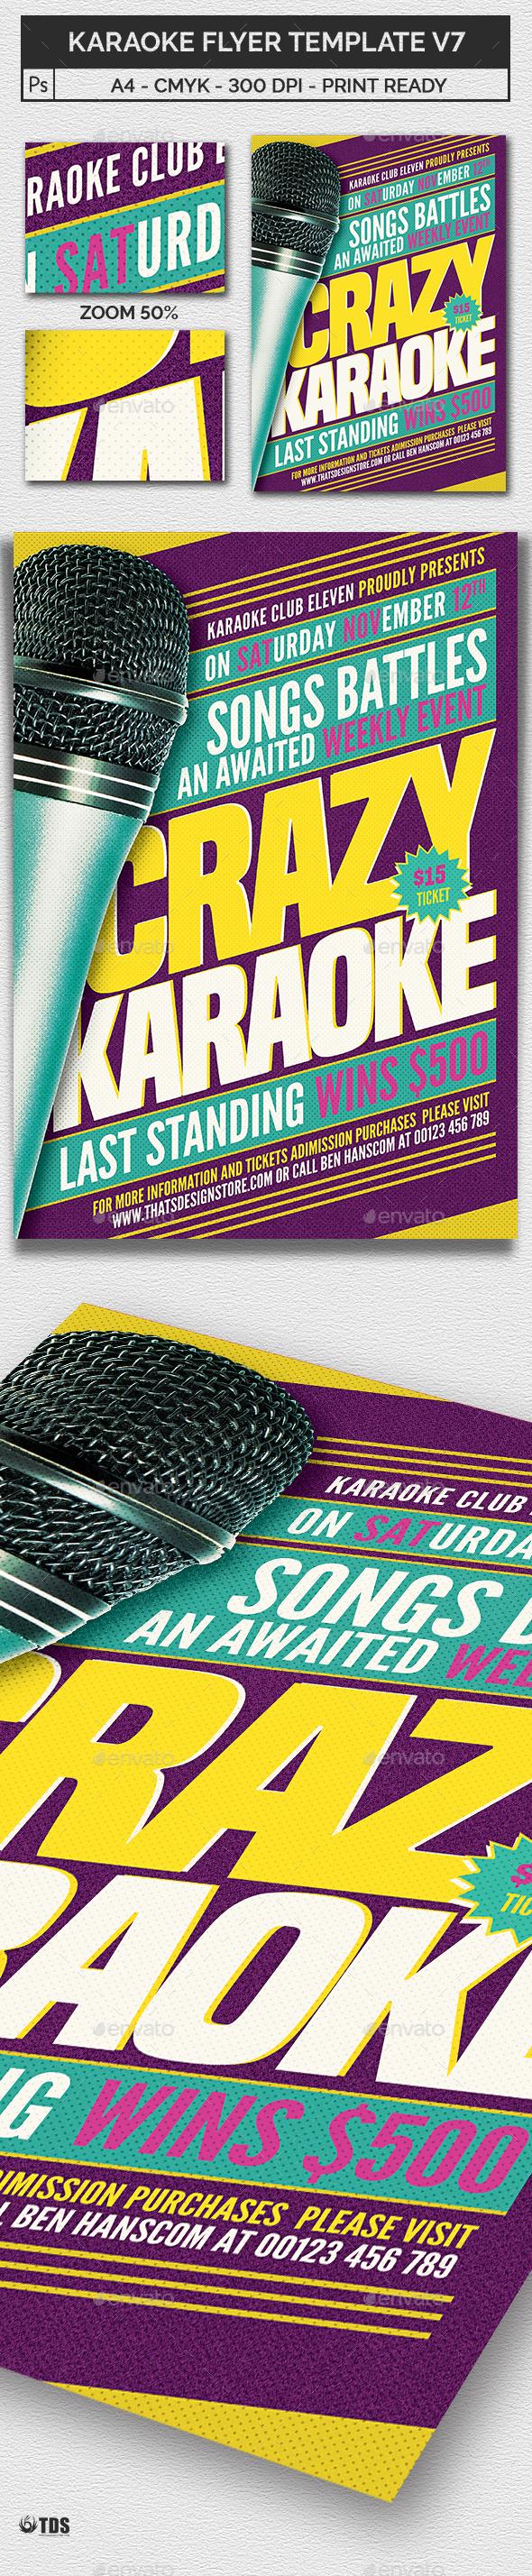 Karaoke Flyer Template V7 - Concerts Events